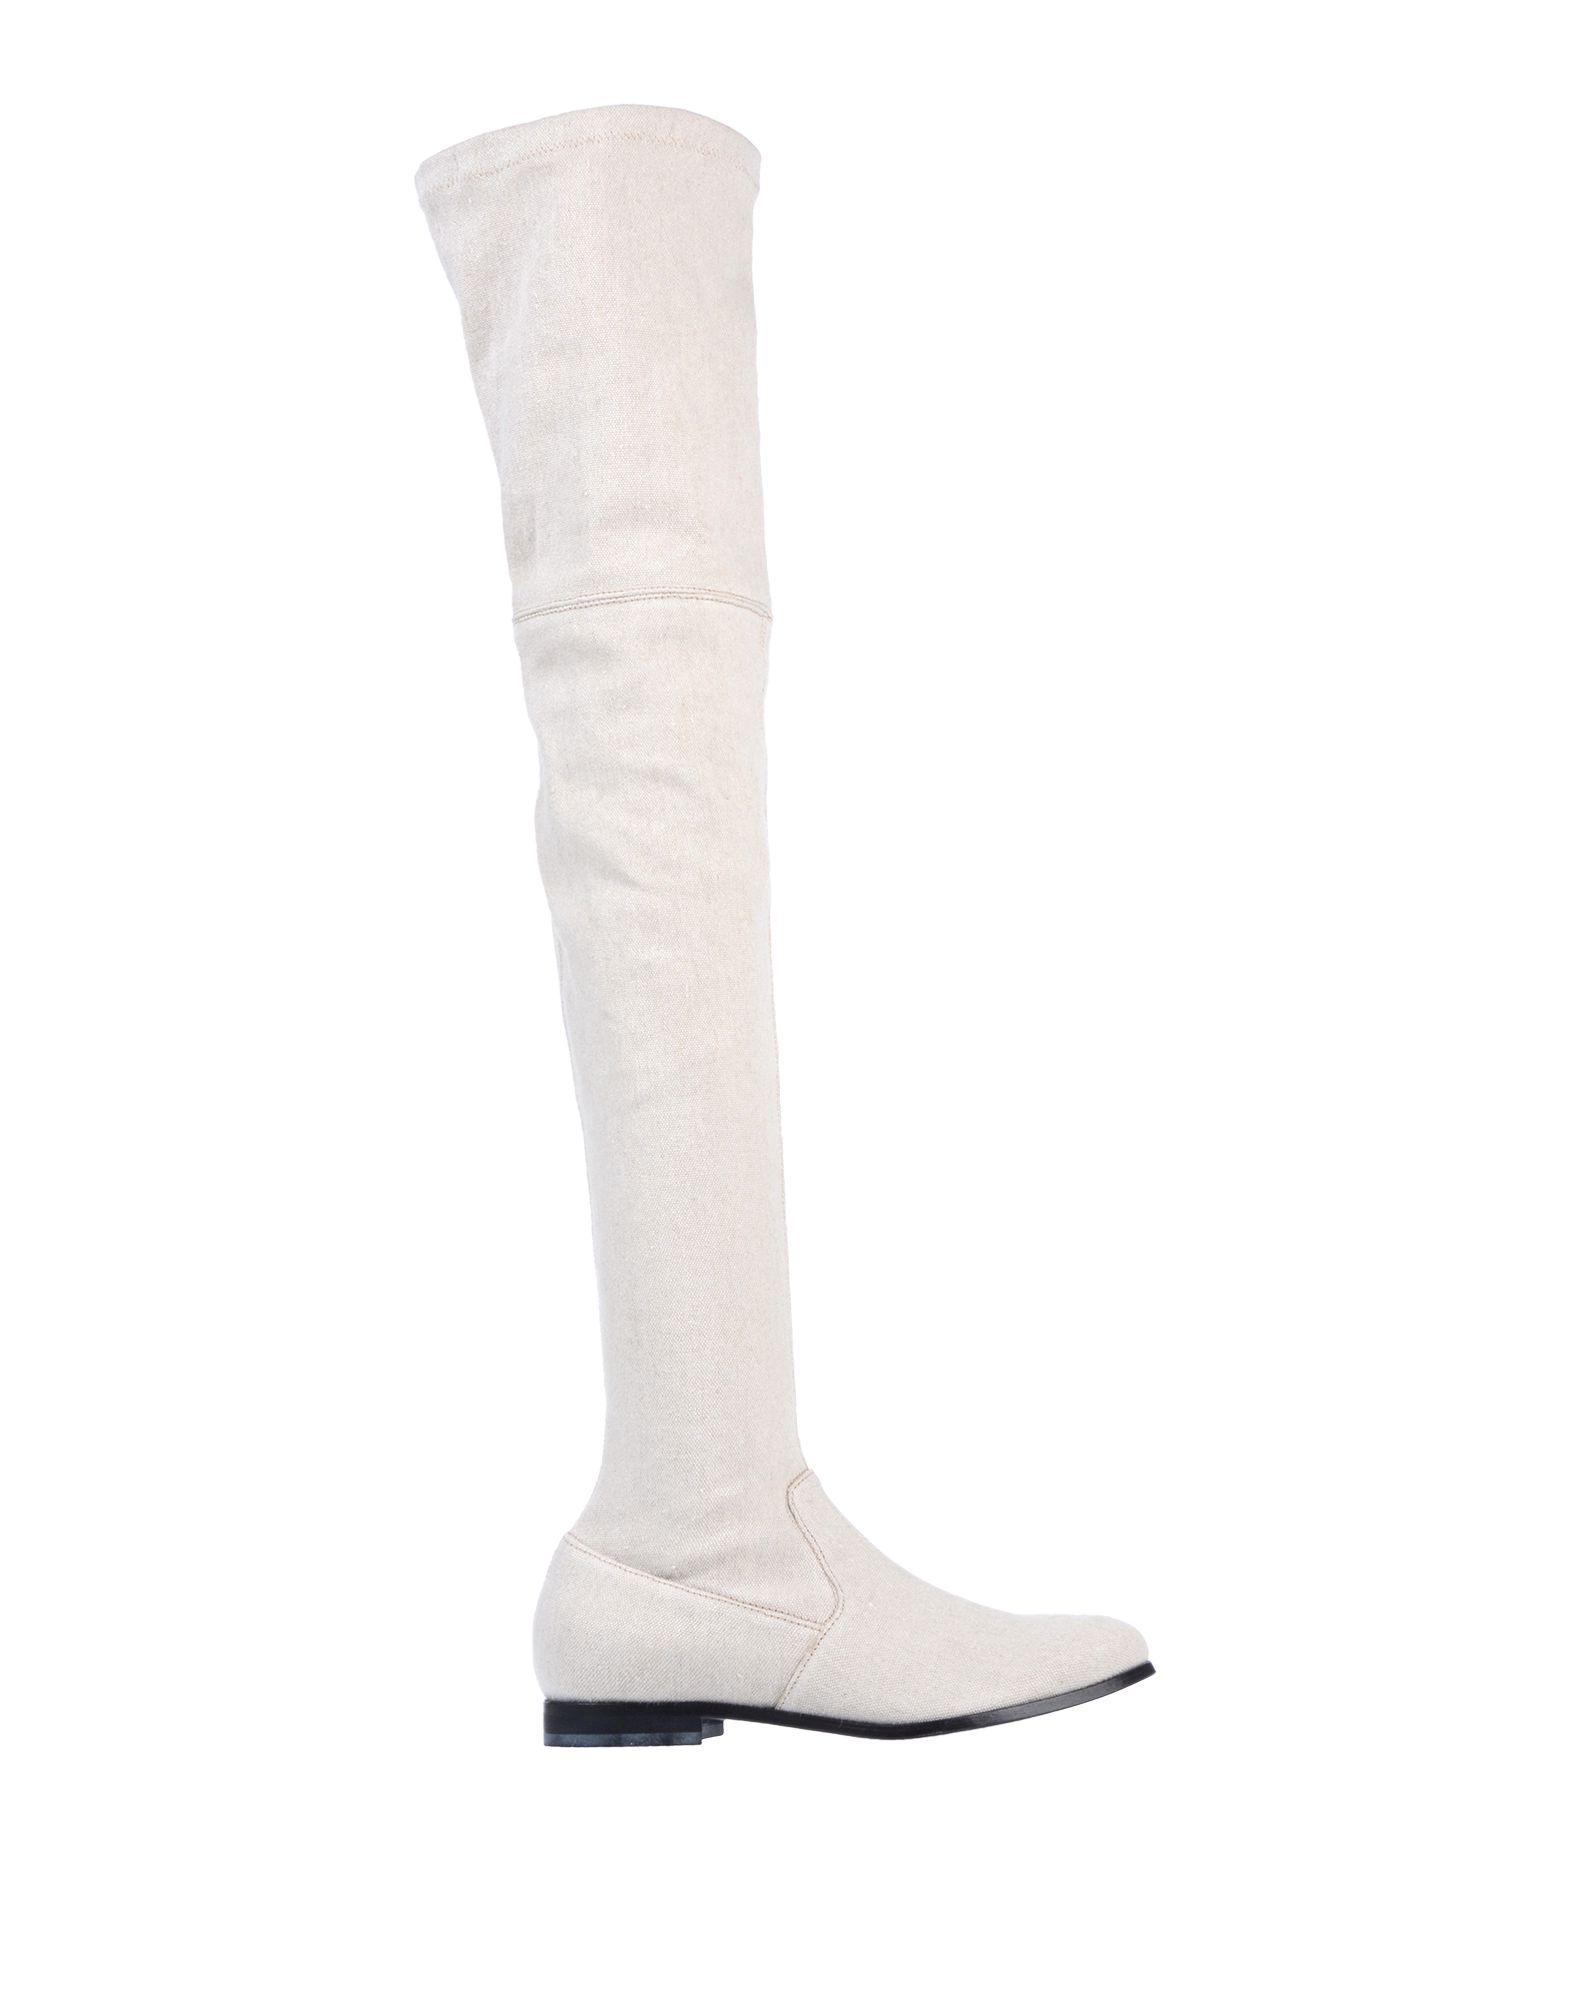 《送料無料》PASSION BLANCHE レディース ブーツ ベージュ 36 紡績繊維